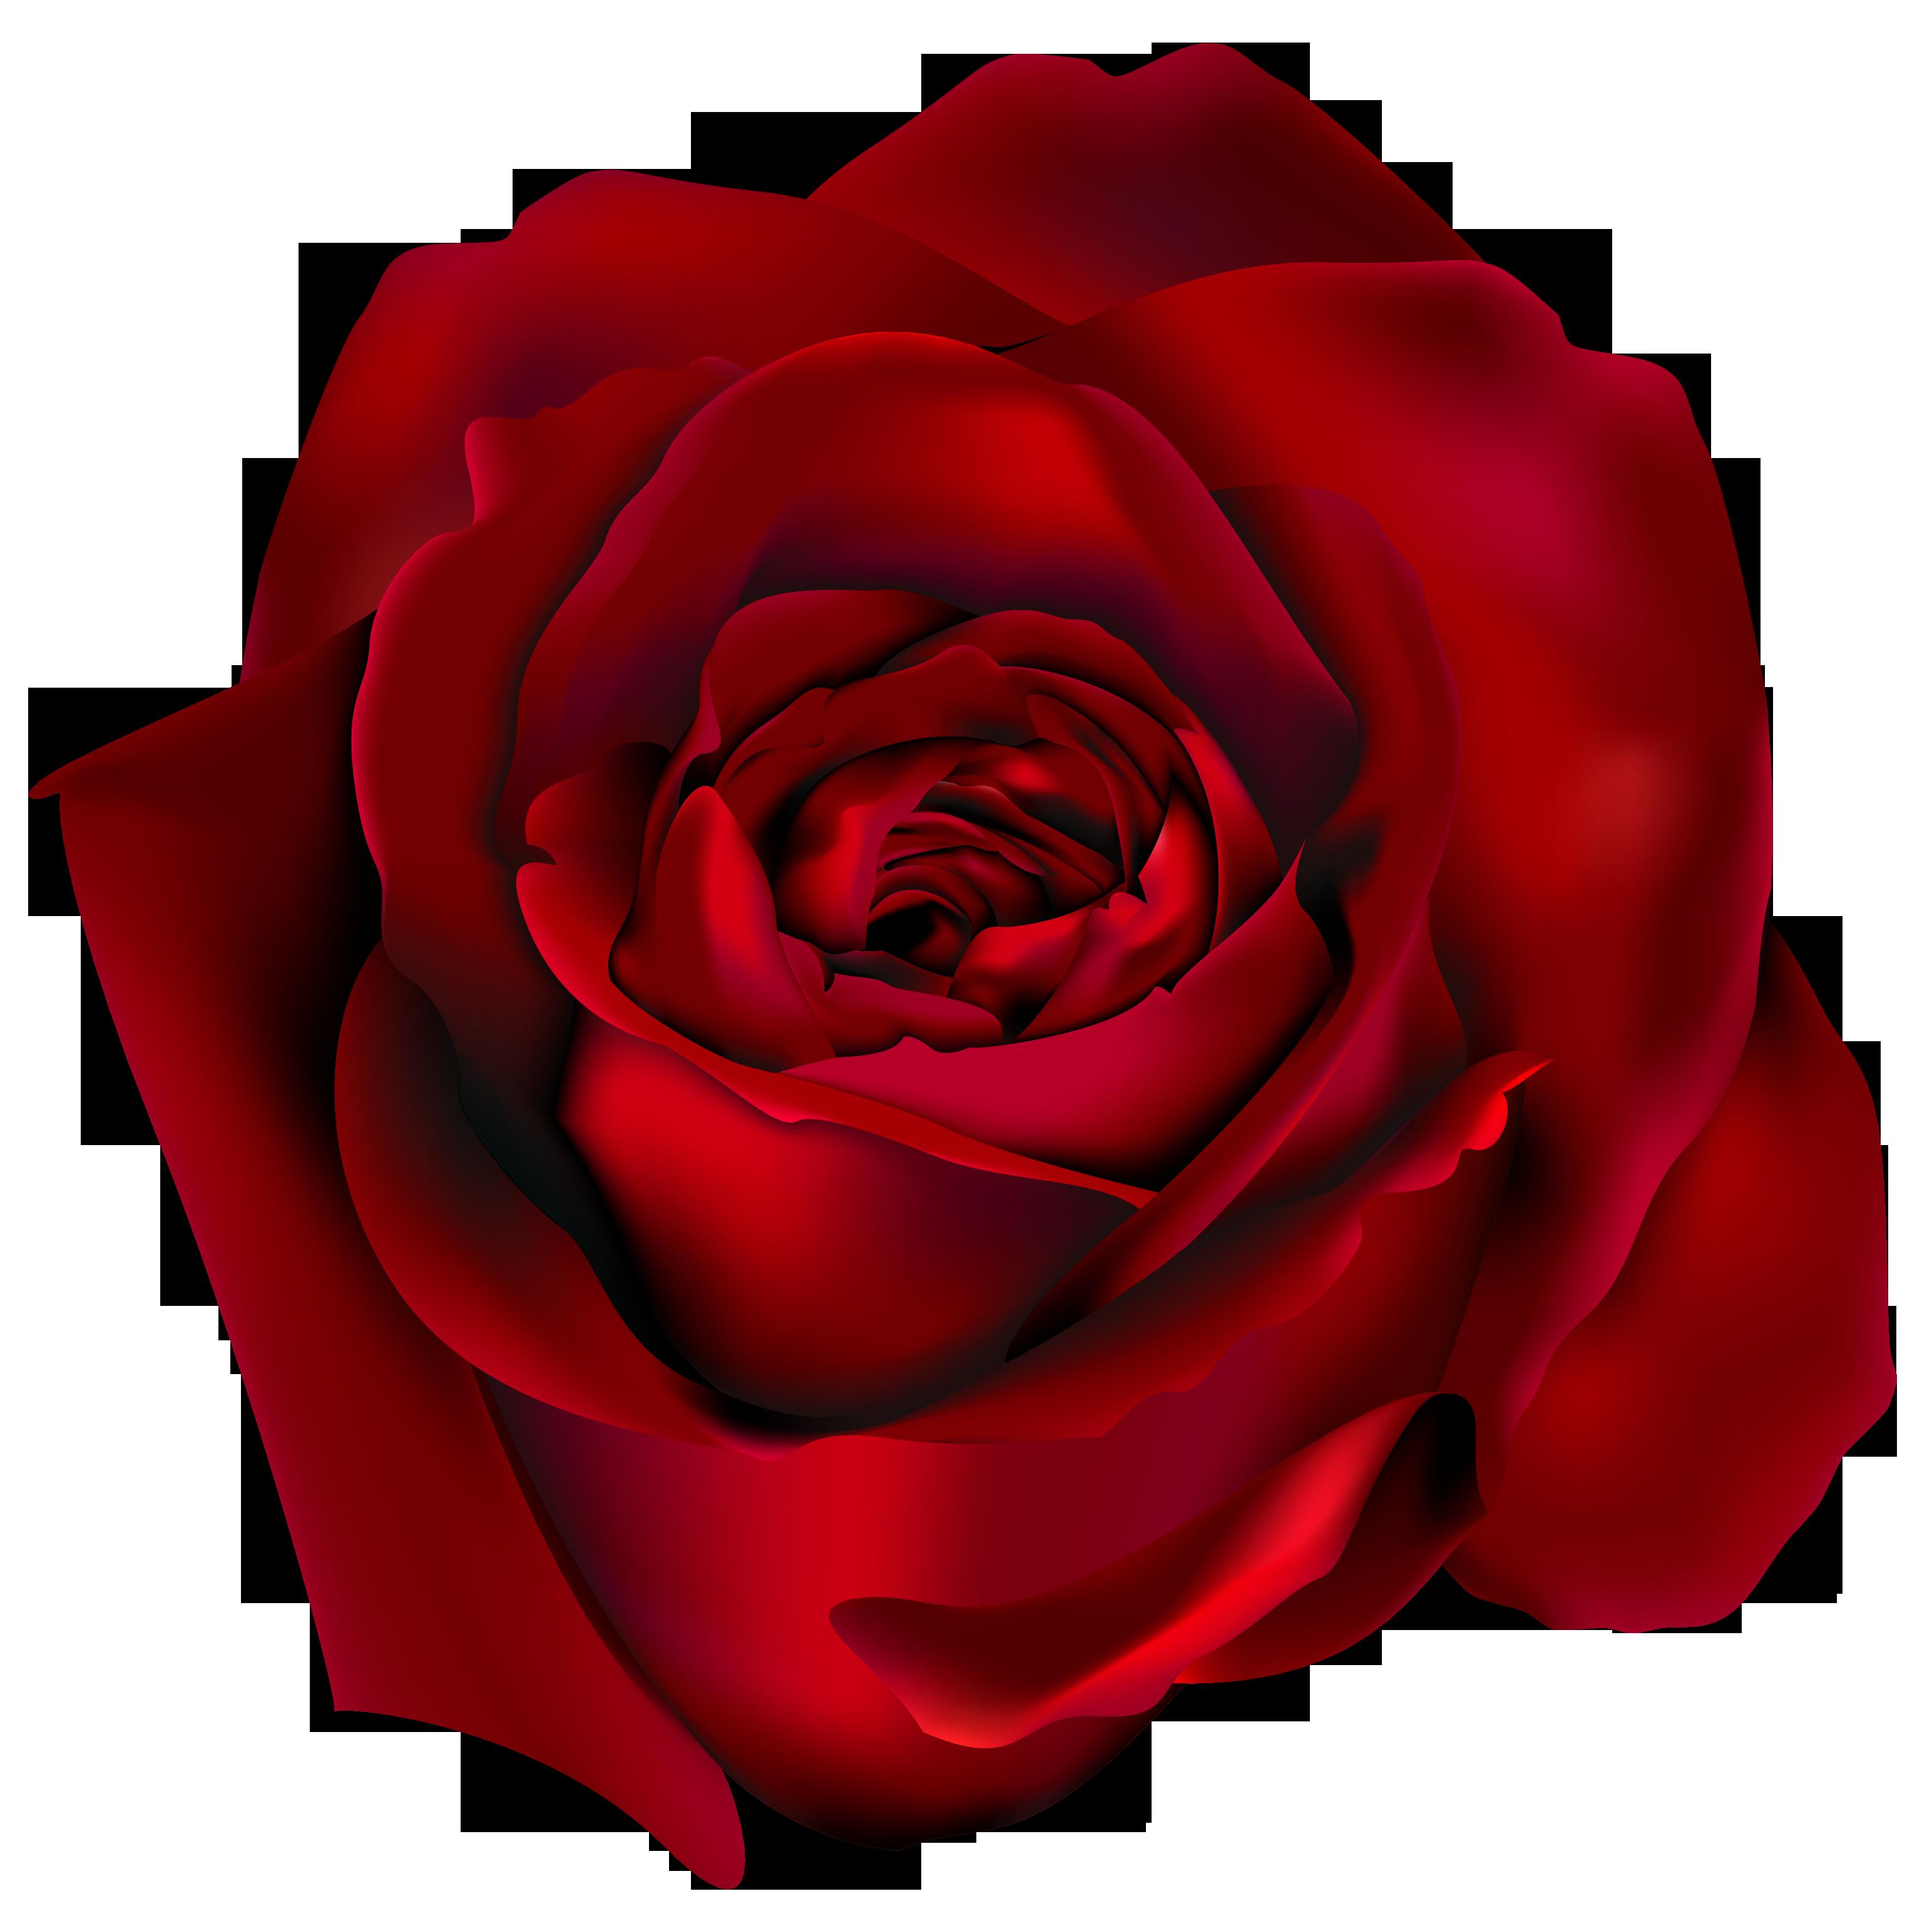 Pin Di Jaihwang Su Kliparty Png 1 Rosa Rossa Disegni Di Rose Rose Rosse